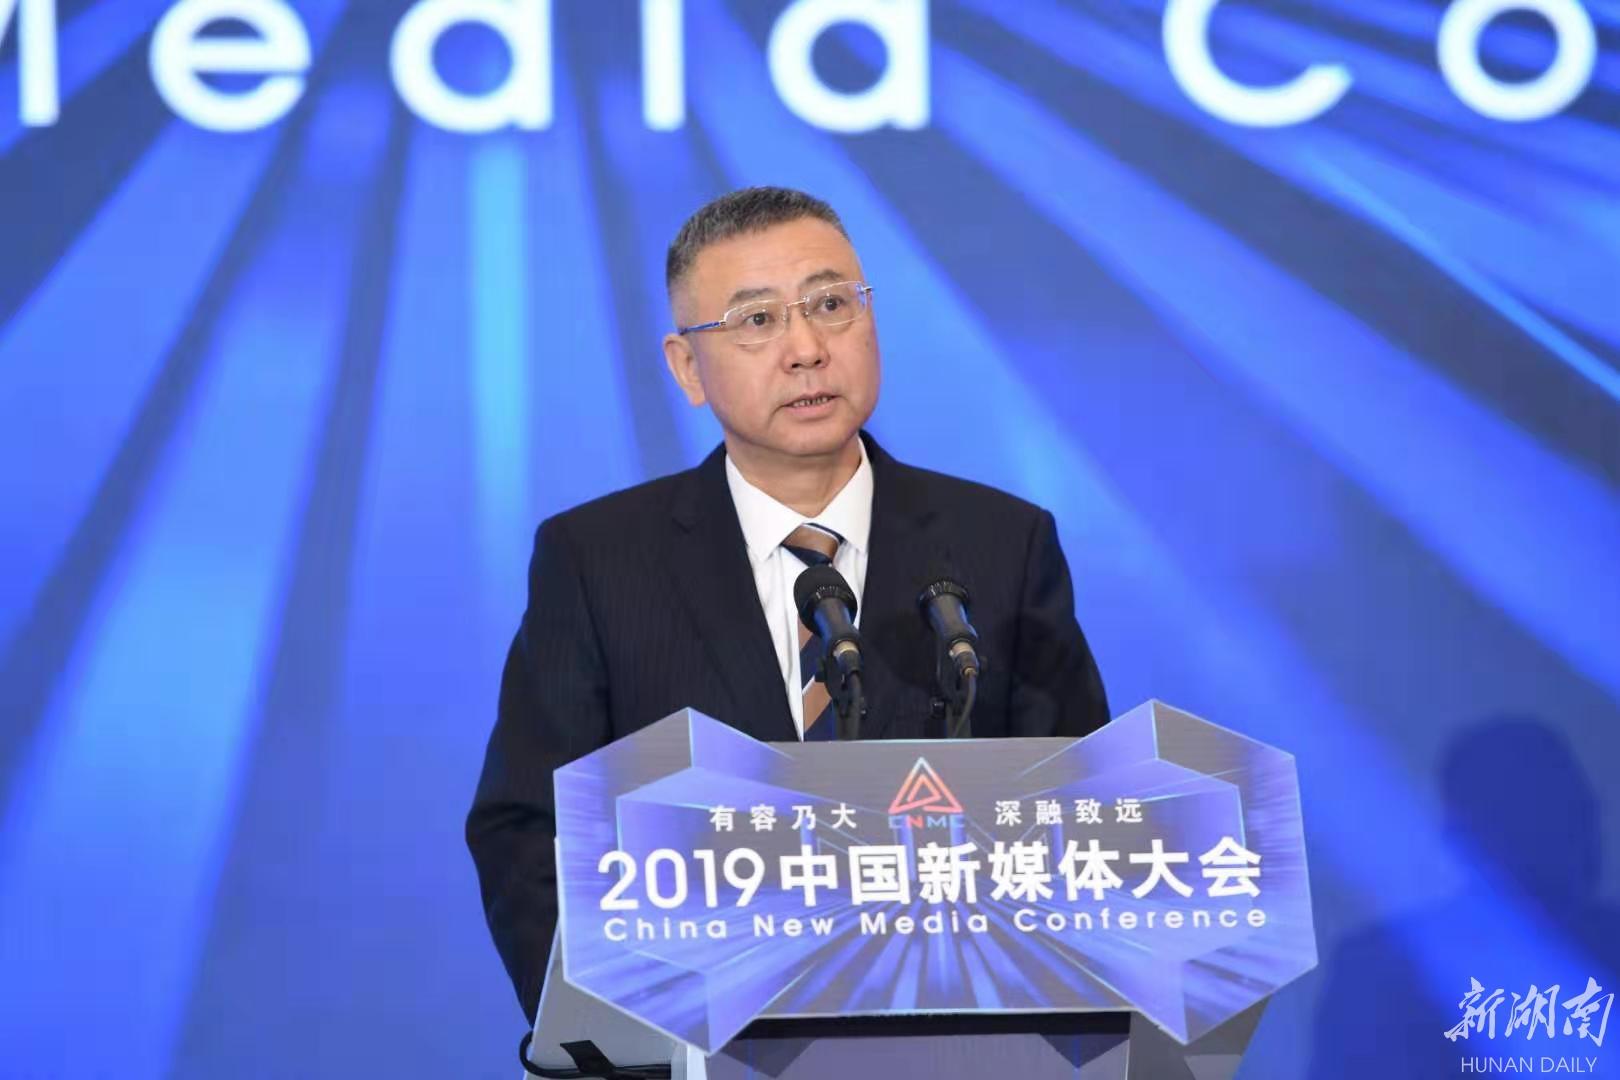 大咖论道丨吕焕斌:以新媒体发展推动传统媒体破局 新湖南www.hunanabc.com